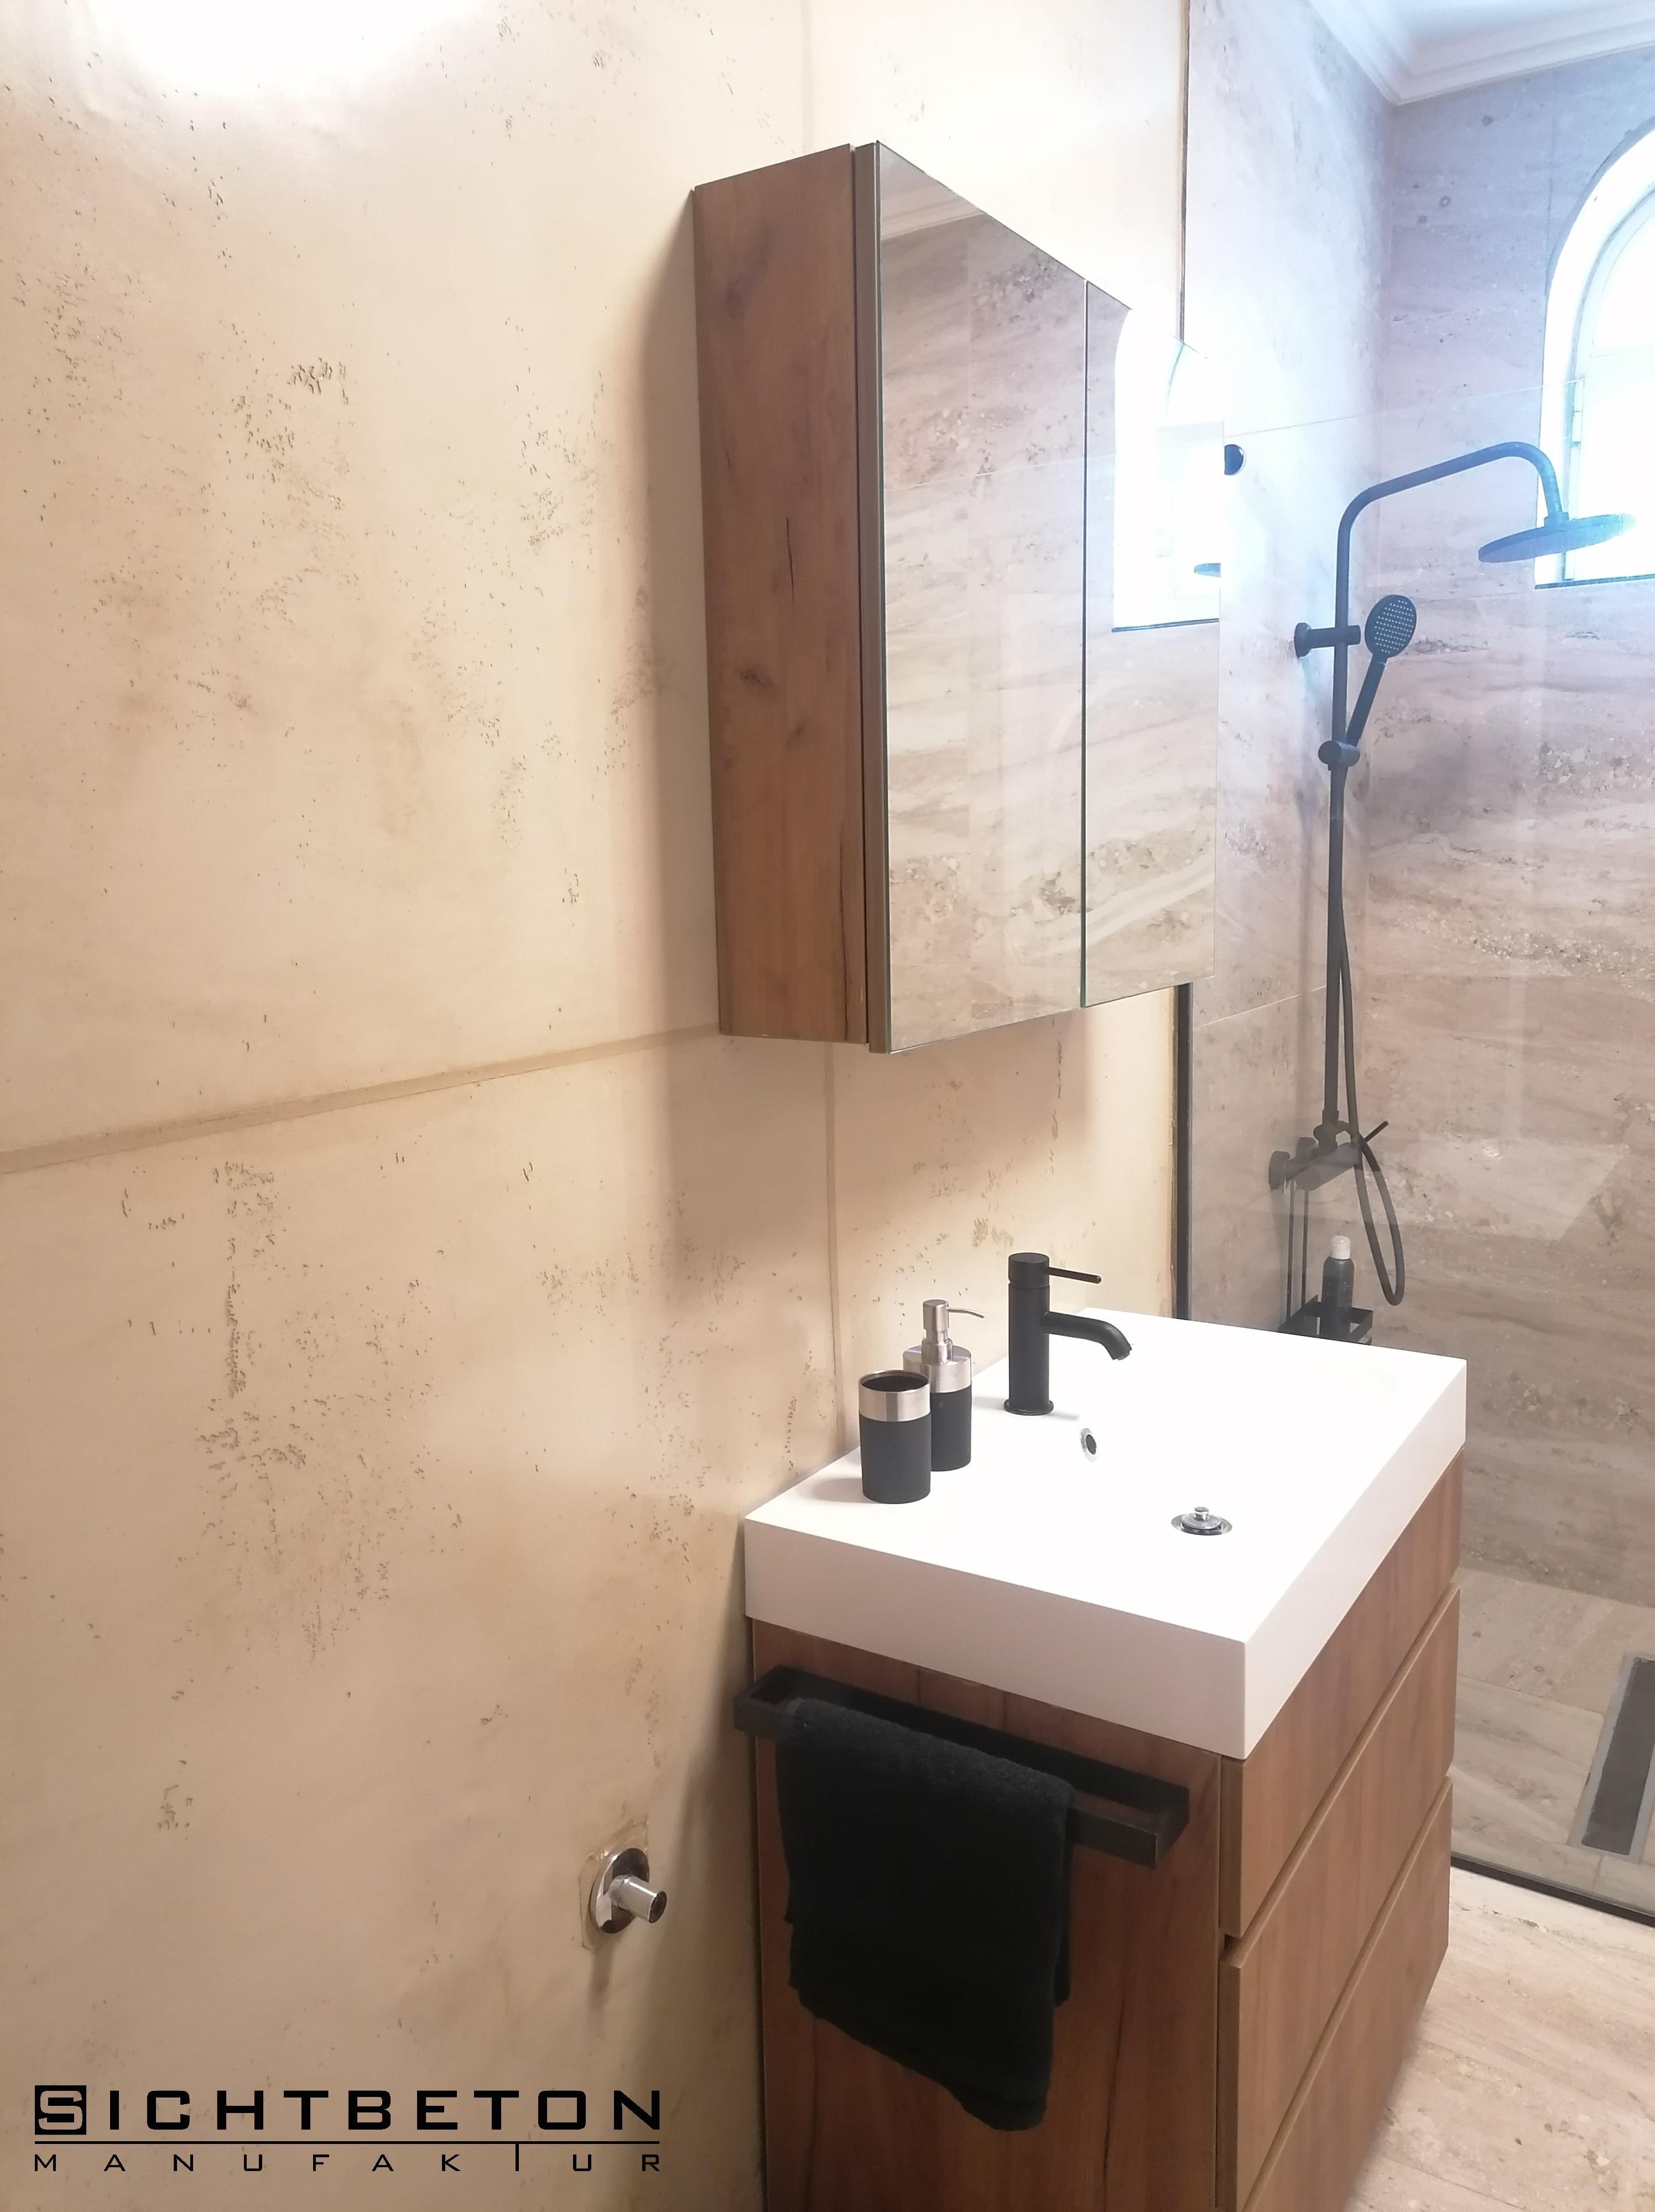 Betonoptik, Sichtbeton in Dusche und Nassbereich im Farbton 10-10